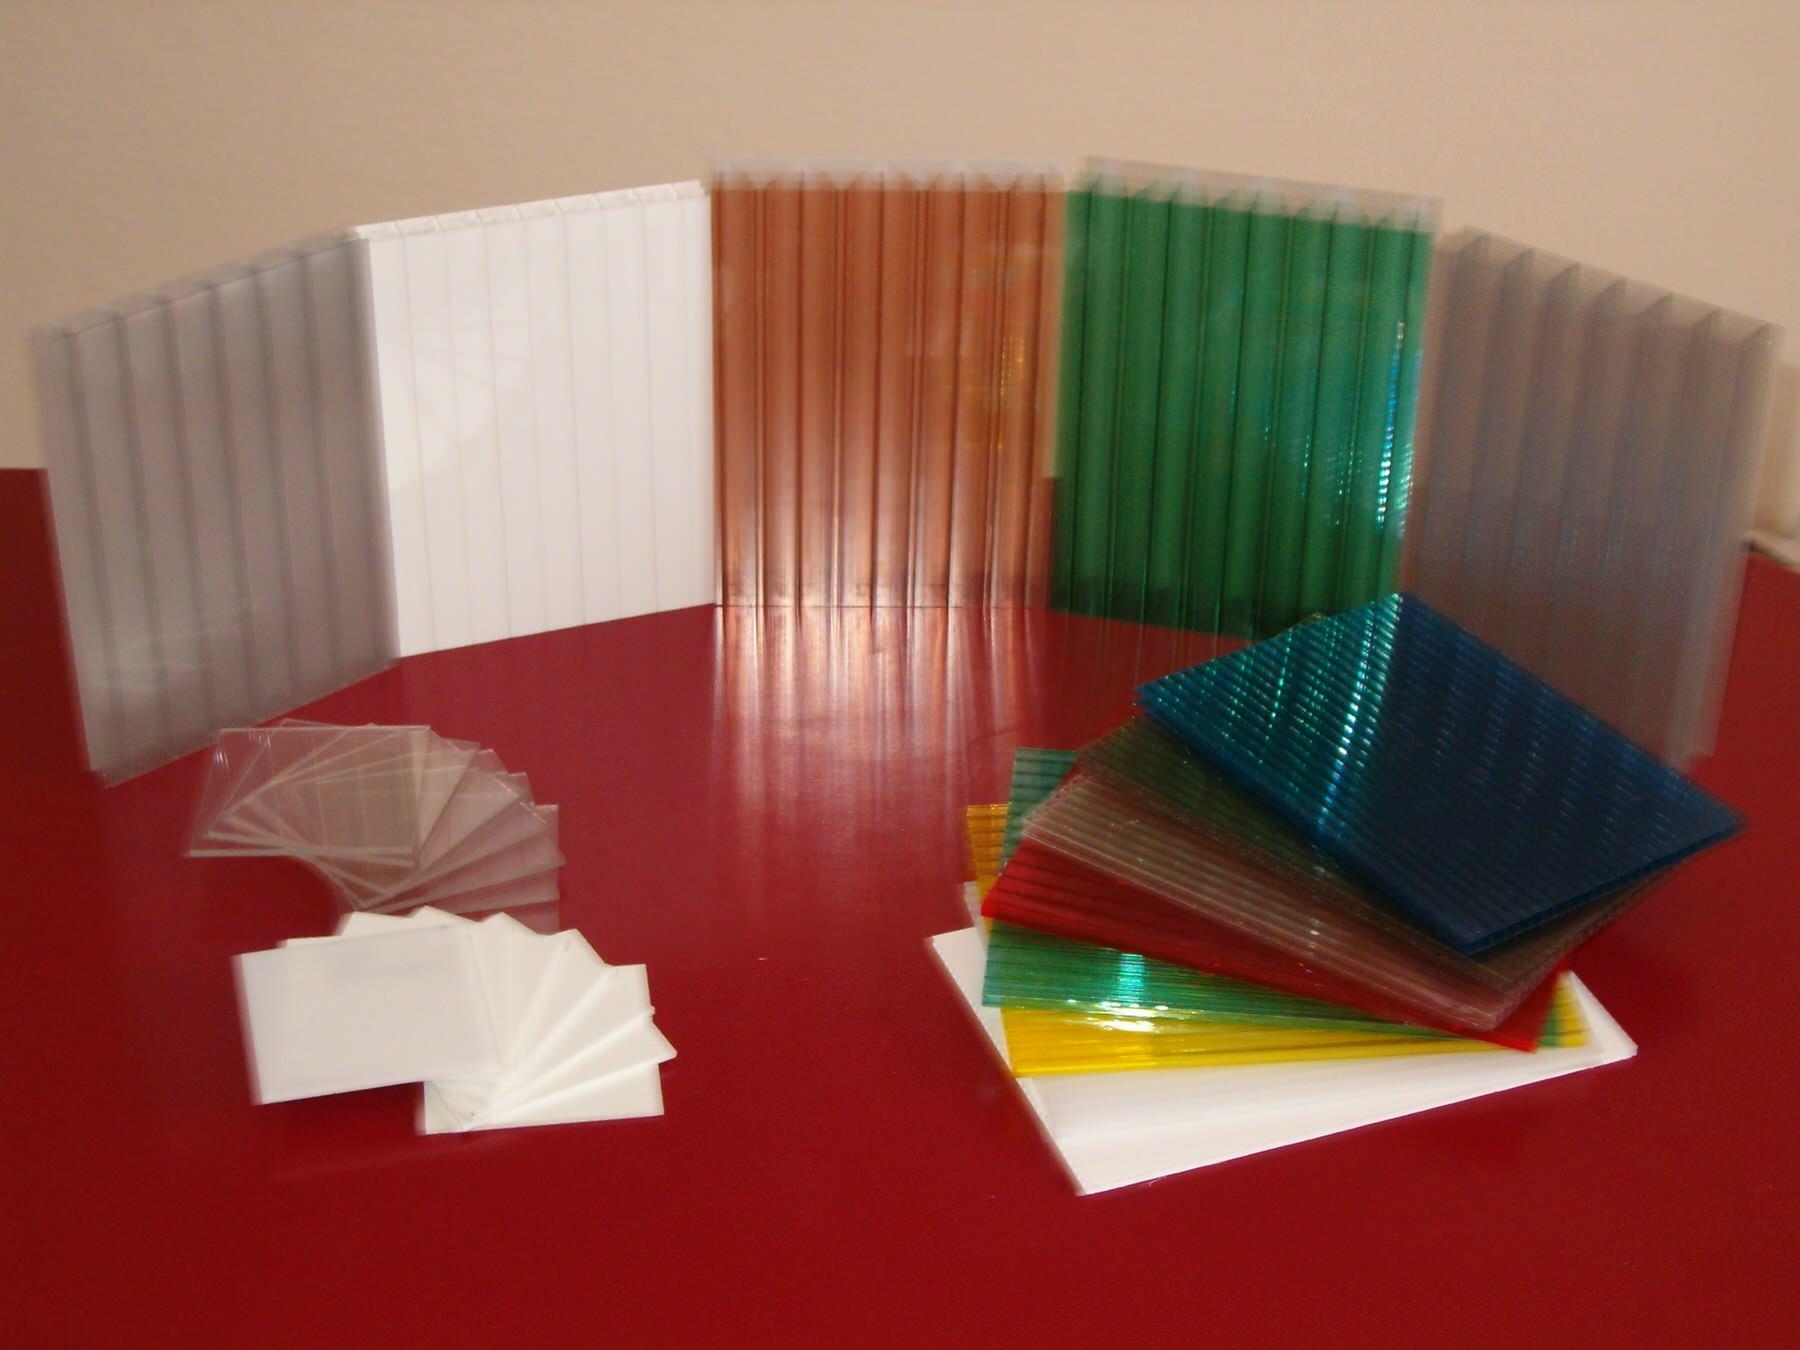 Primjena: Forex 19 mm se koristi za izrezivanje slova, logotipa ili nekih drugih pozicija, koje se mogu spajati ljepljenjem ili vijcima. Koriste se u reklamnoj industriji i građevinarstvu. Ploče su idealne za 3D nesvjetleća slova.